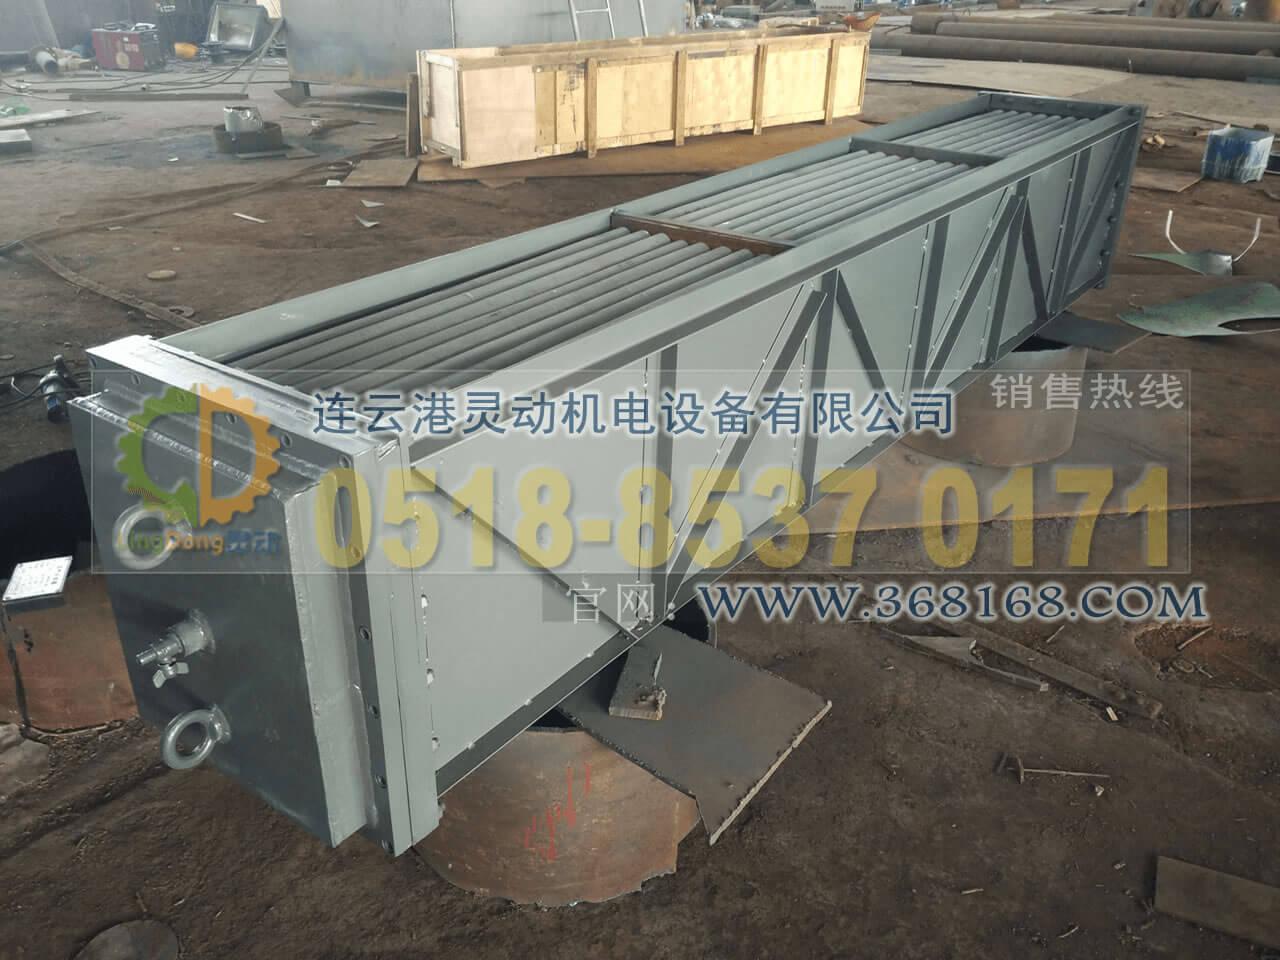 空气冷却器换管采用翅片管安装厂家